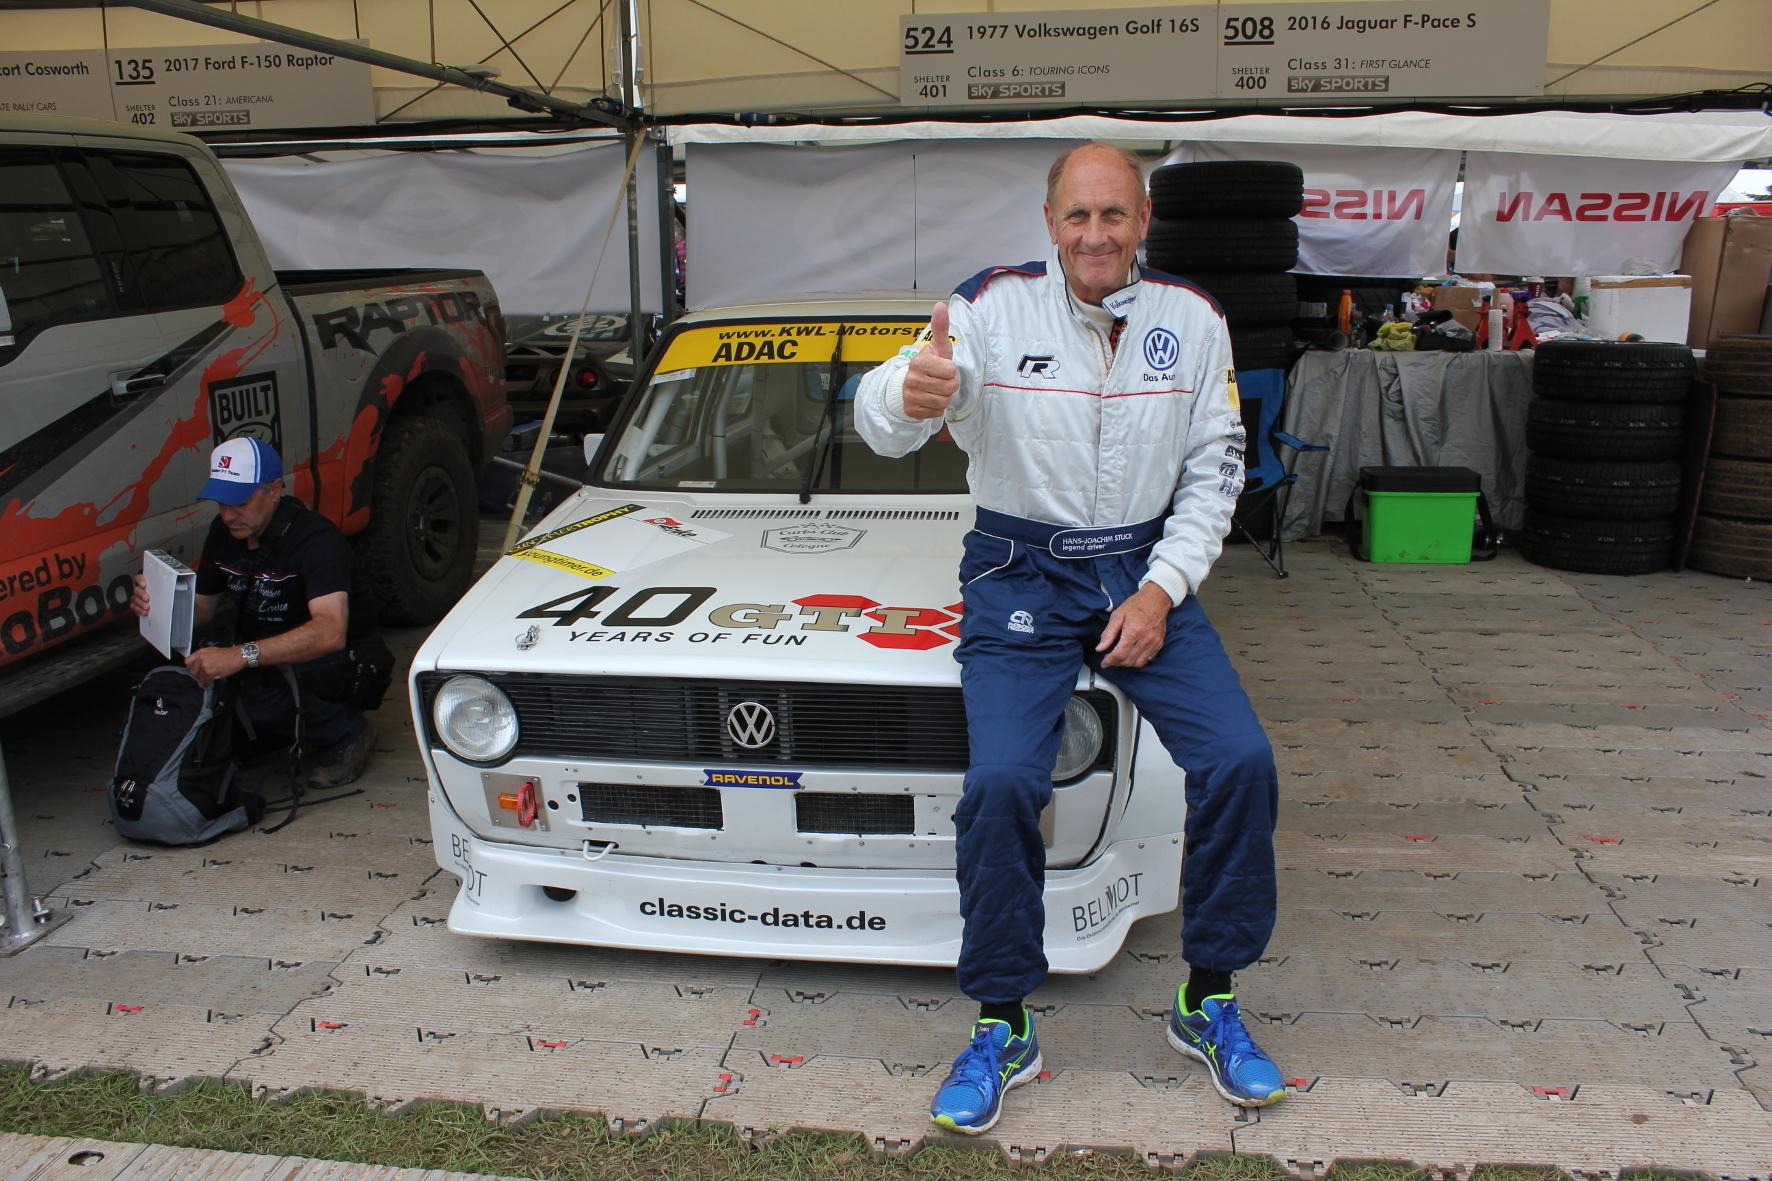 mid Goodwood - Daumen hoch für eine automobile Legende: Zum 40. Geburtstag des Golf GTI pilotiert Hans Joachim Stuck die Tourenwagen-Variante des Golf 1 GTI beim Goodwood Festival of Speed.